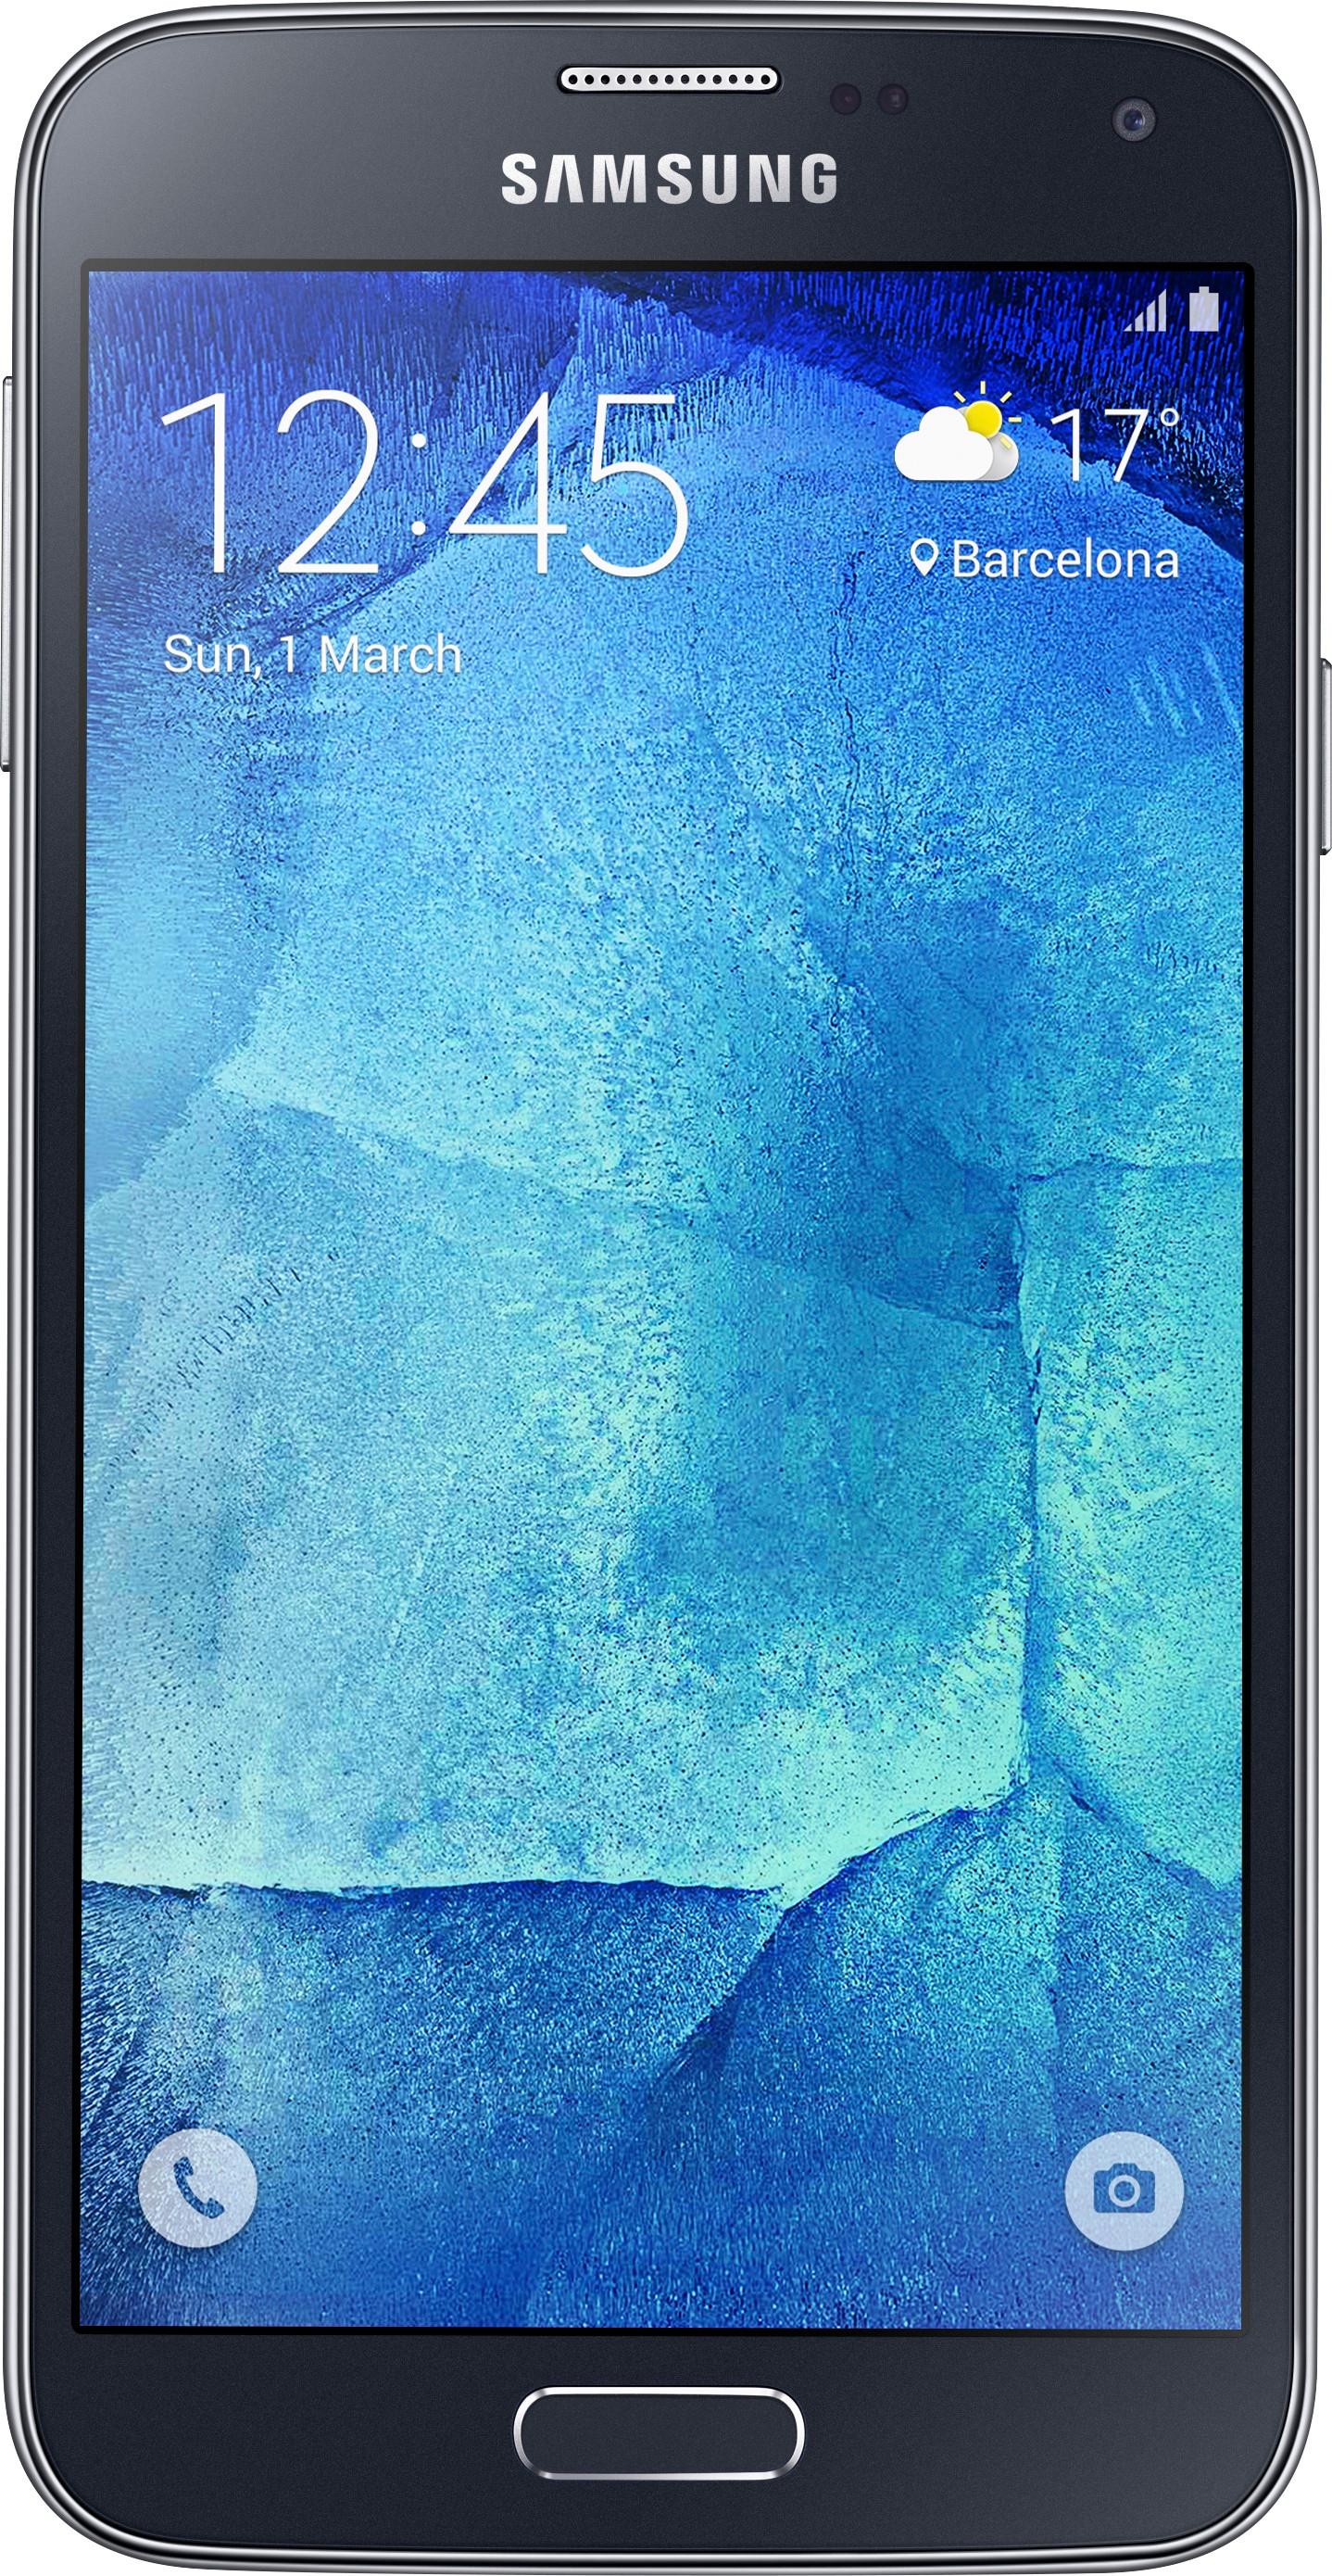 IPhone 5 4G: alle informatie op een rij Hoe werkt Yelo TV (Yelo Play)